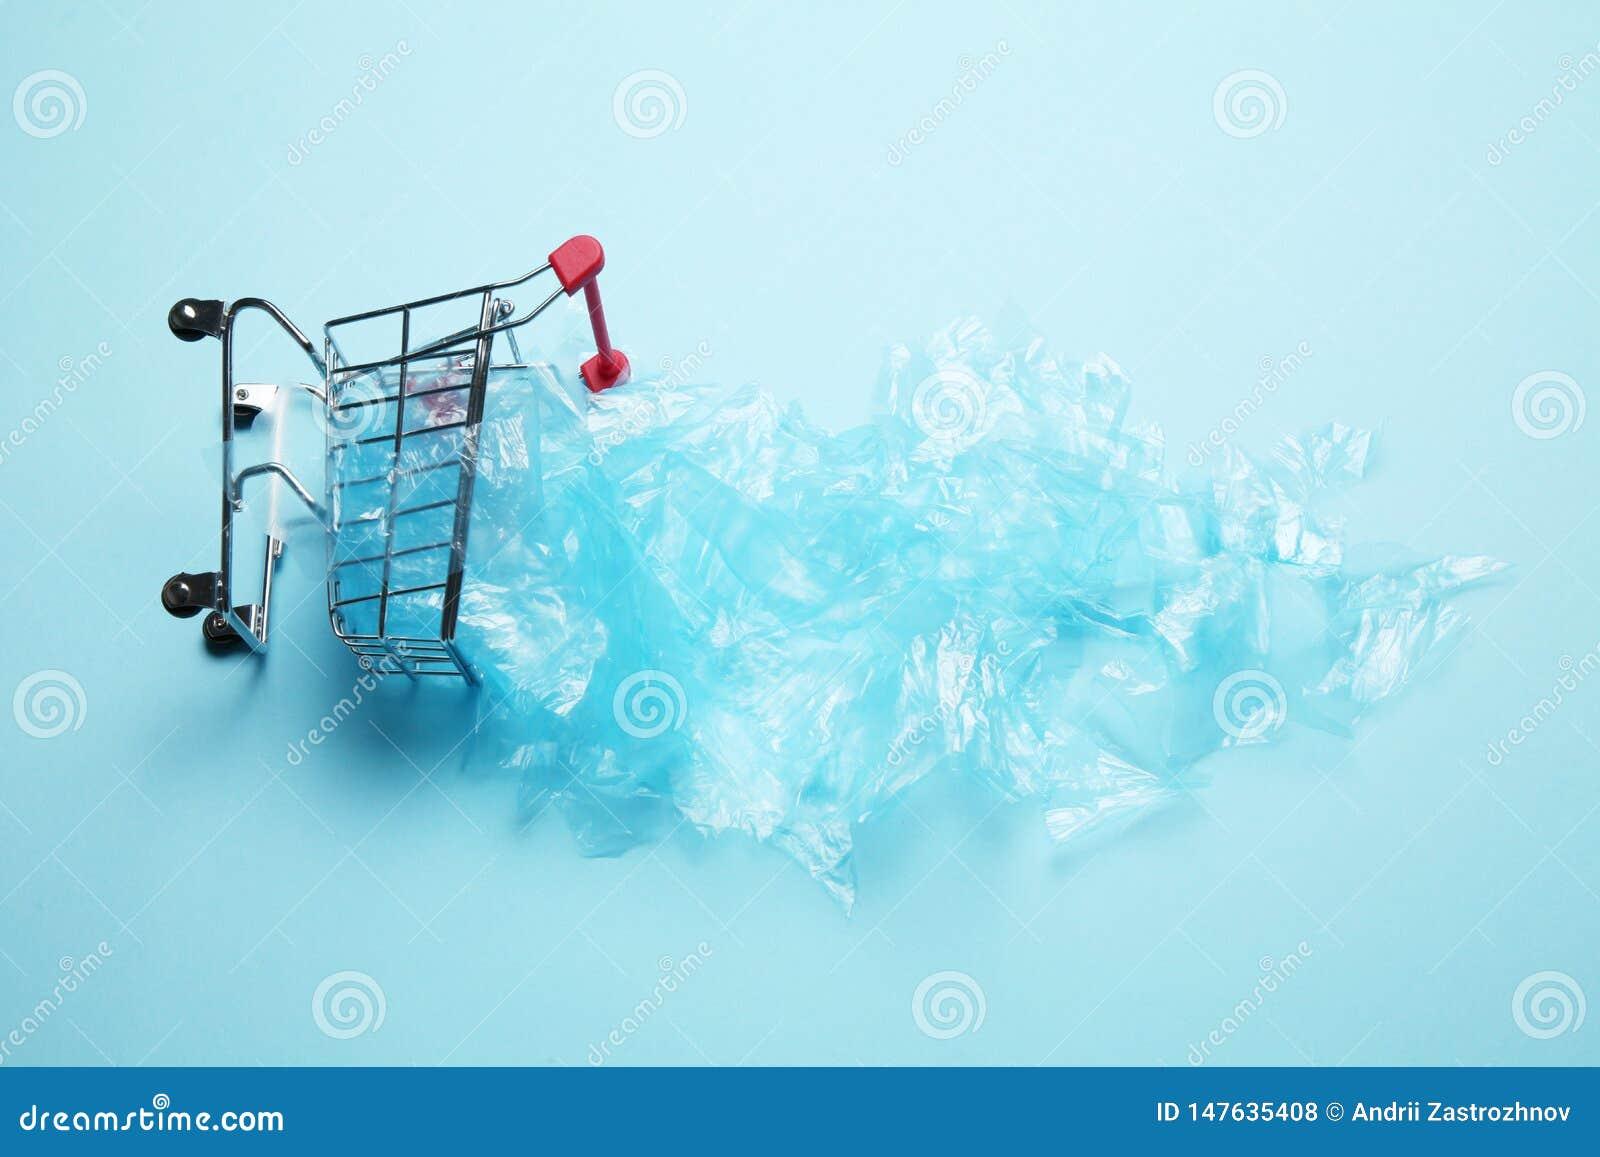 Verzichtkäufer von den Plastiktaschen Verschmutzung des Planeten